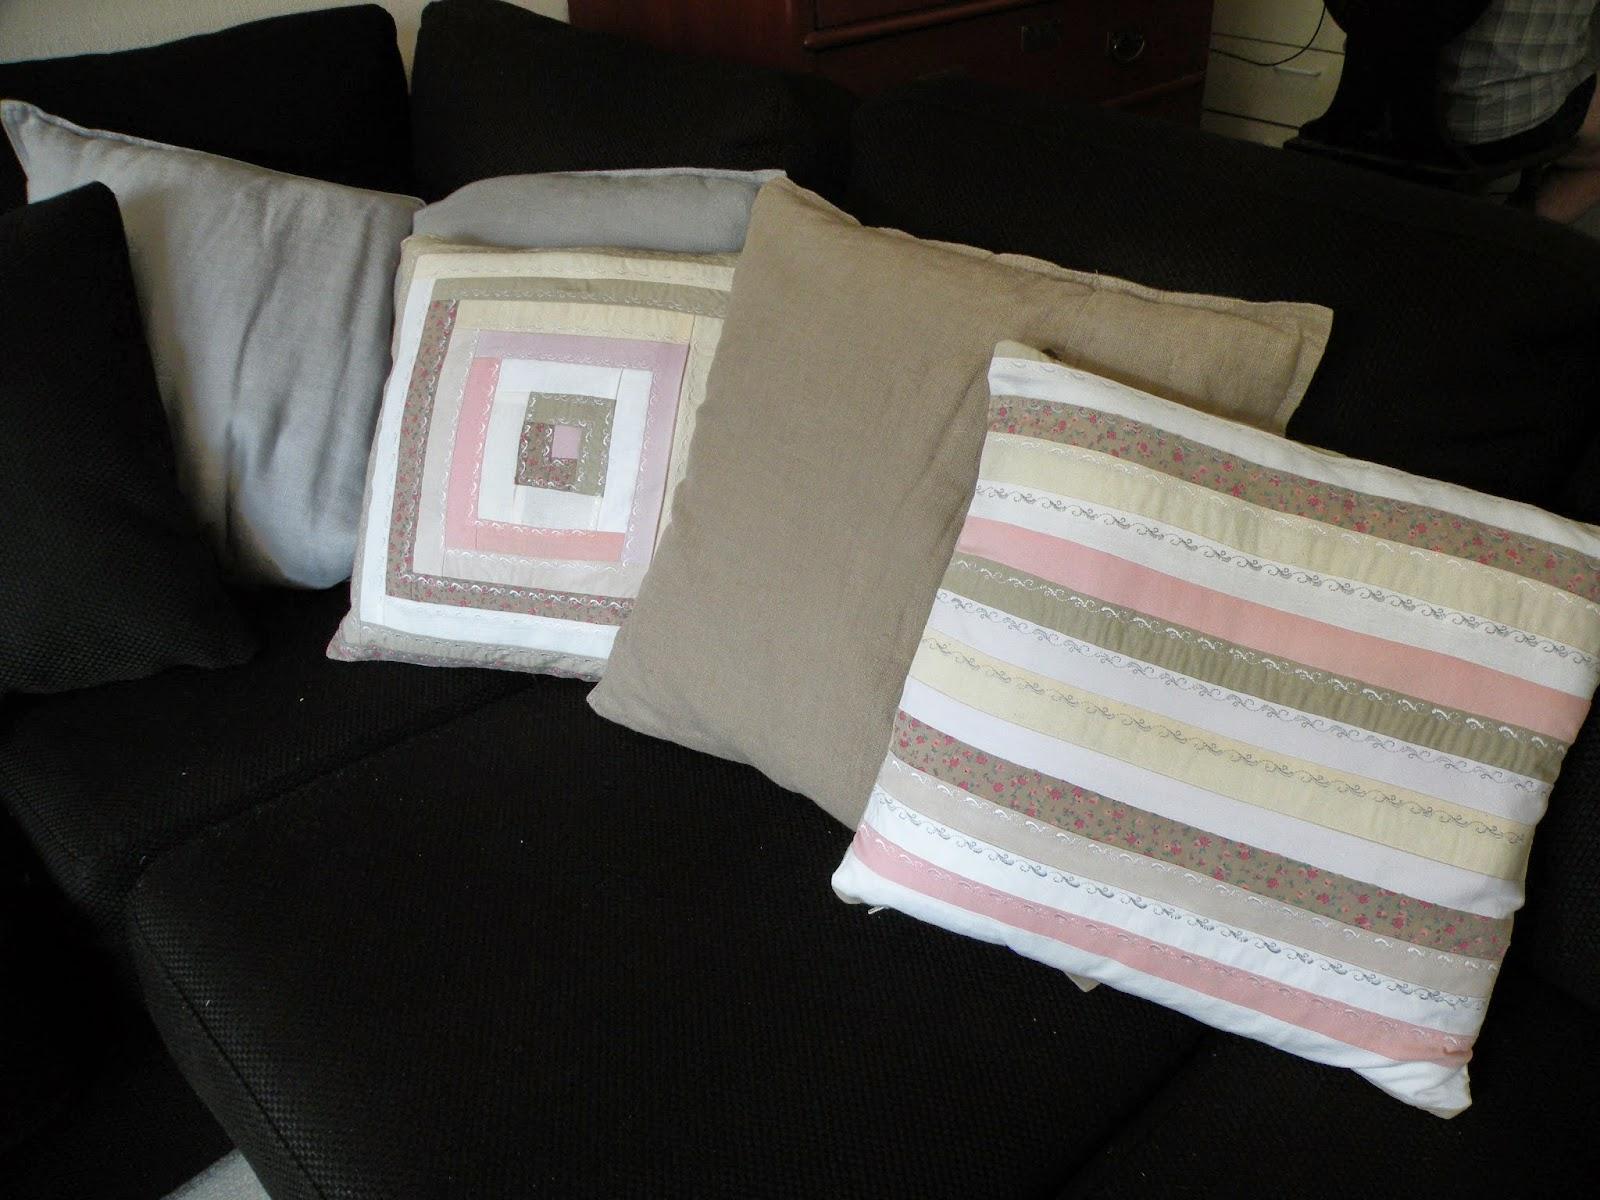 tyynynpäällinen tilkuista hirsimökkitekniikka